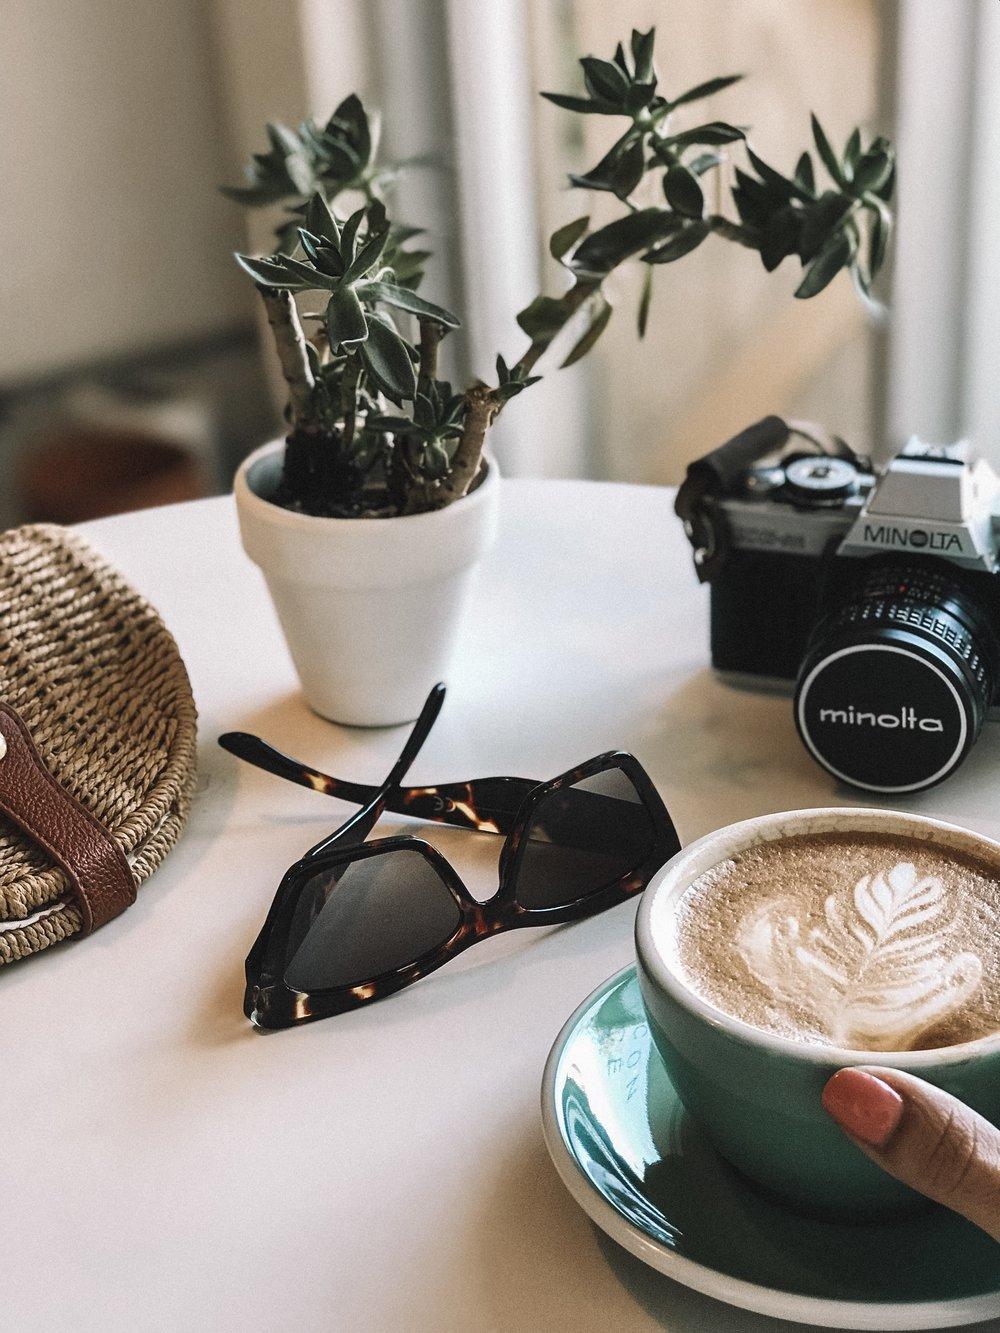 Aquí mi objeto principal es el café, pero ¡claro!, ¡Jajajaja, café! Mi café está justo en ángulo y en uso de los tercios. Los demás objetos se encuentran llenando los demás espacios de una manera estética.